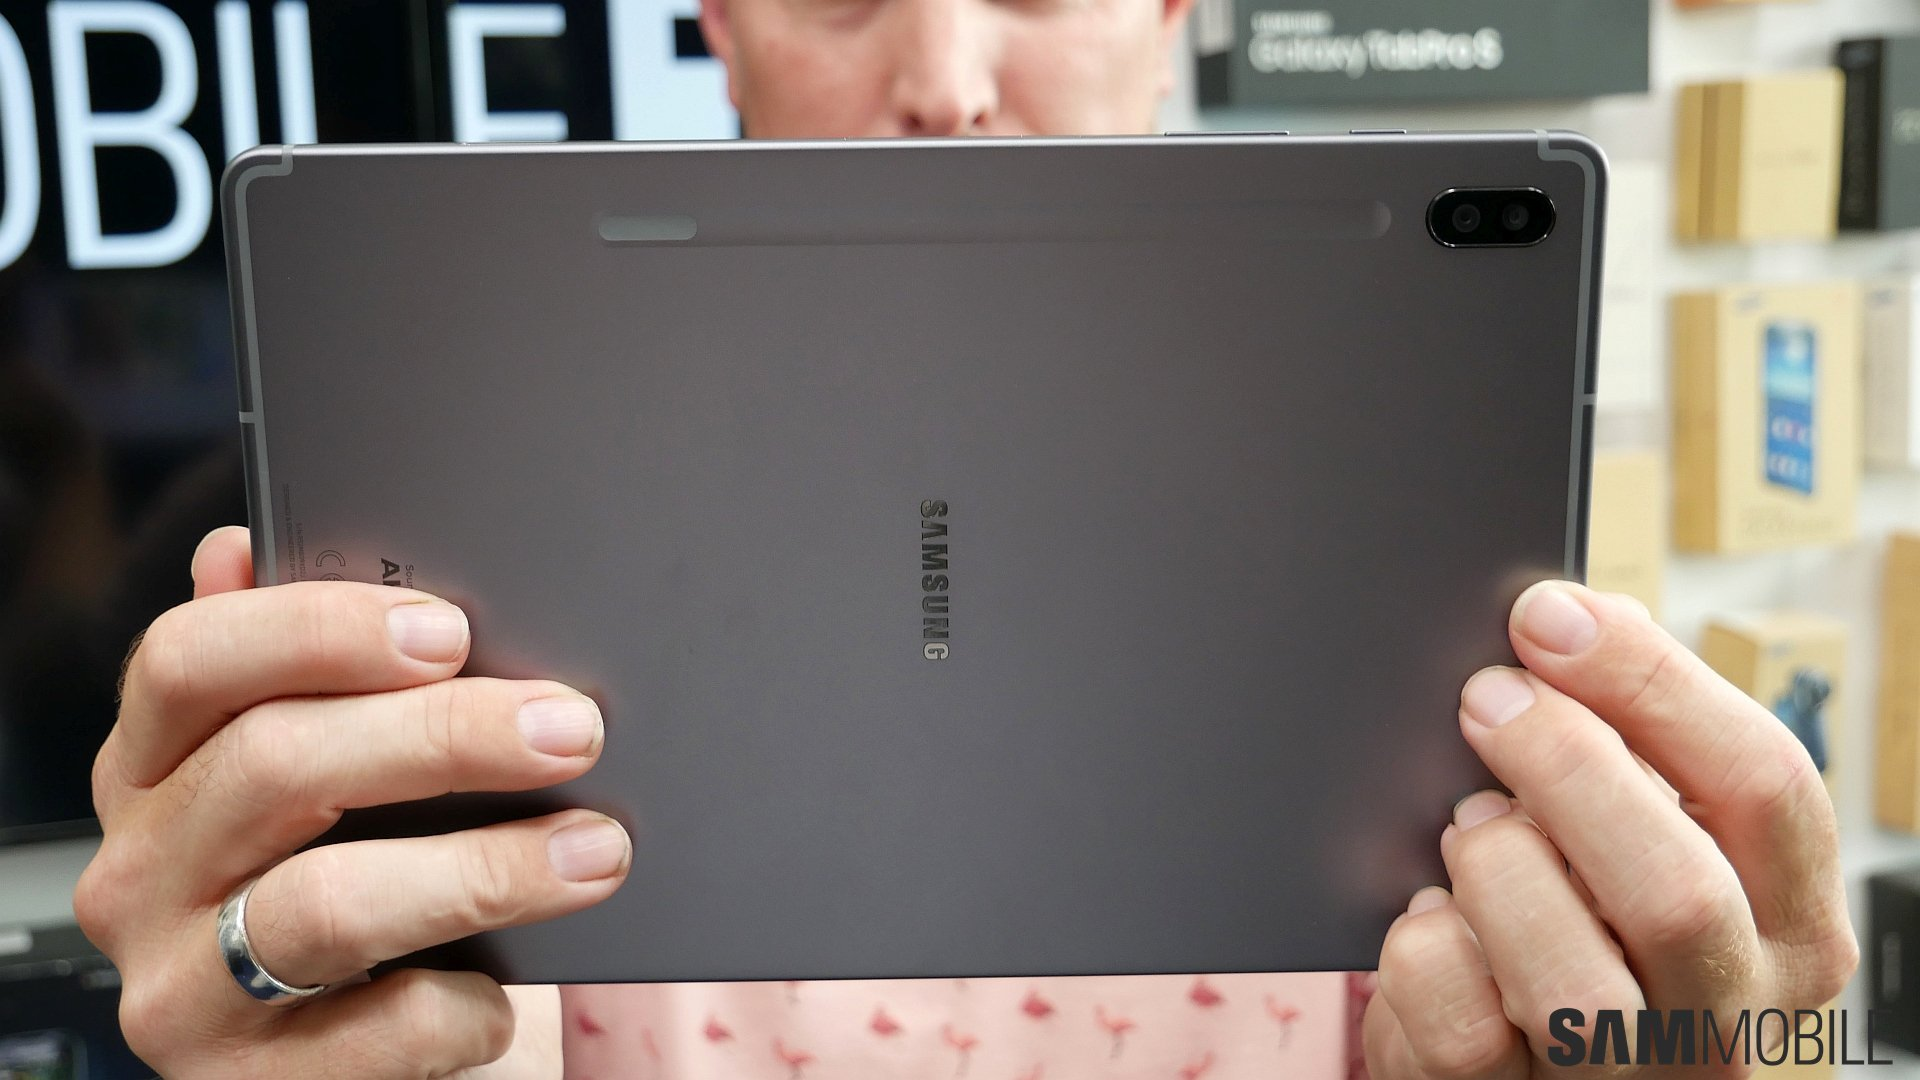 Samsung Galaxy Đánh giá Tab S6: máy tính bảng Android tốt nhất năm 2019 1